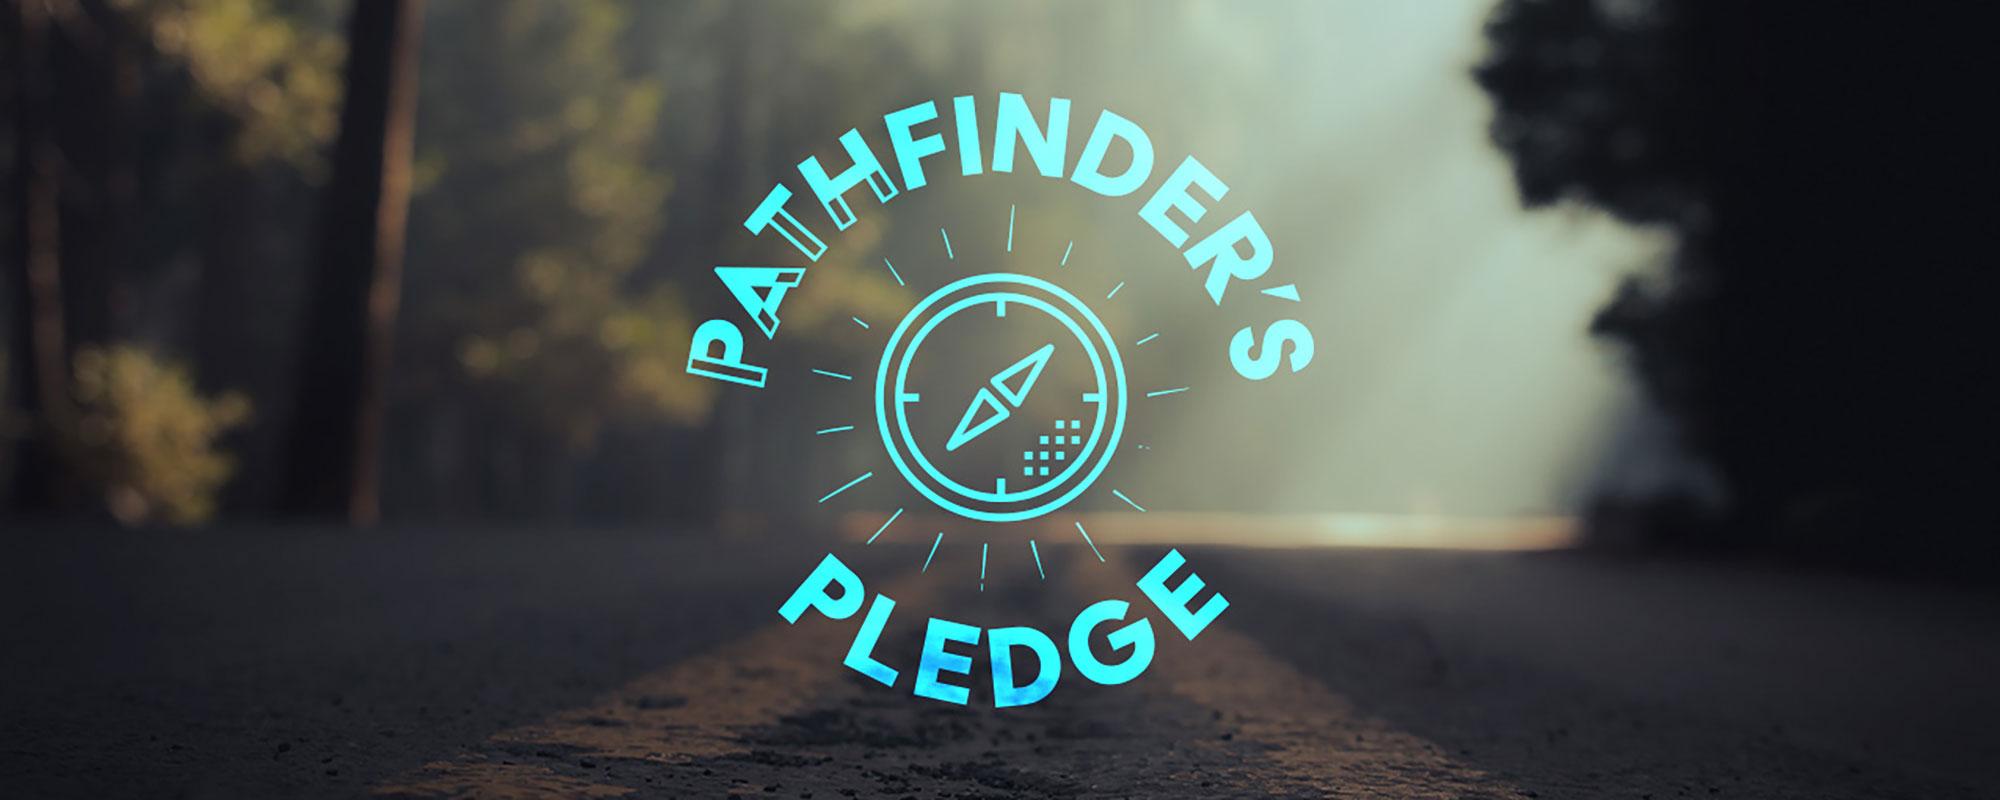 Pathfinder S Pledge